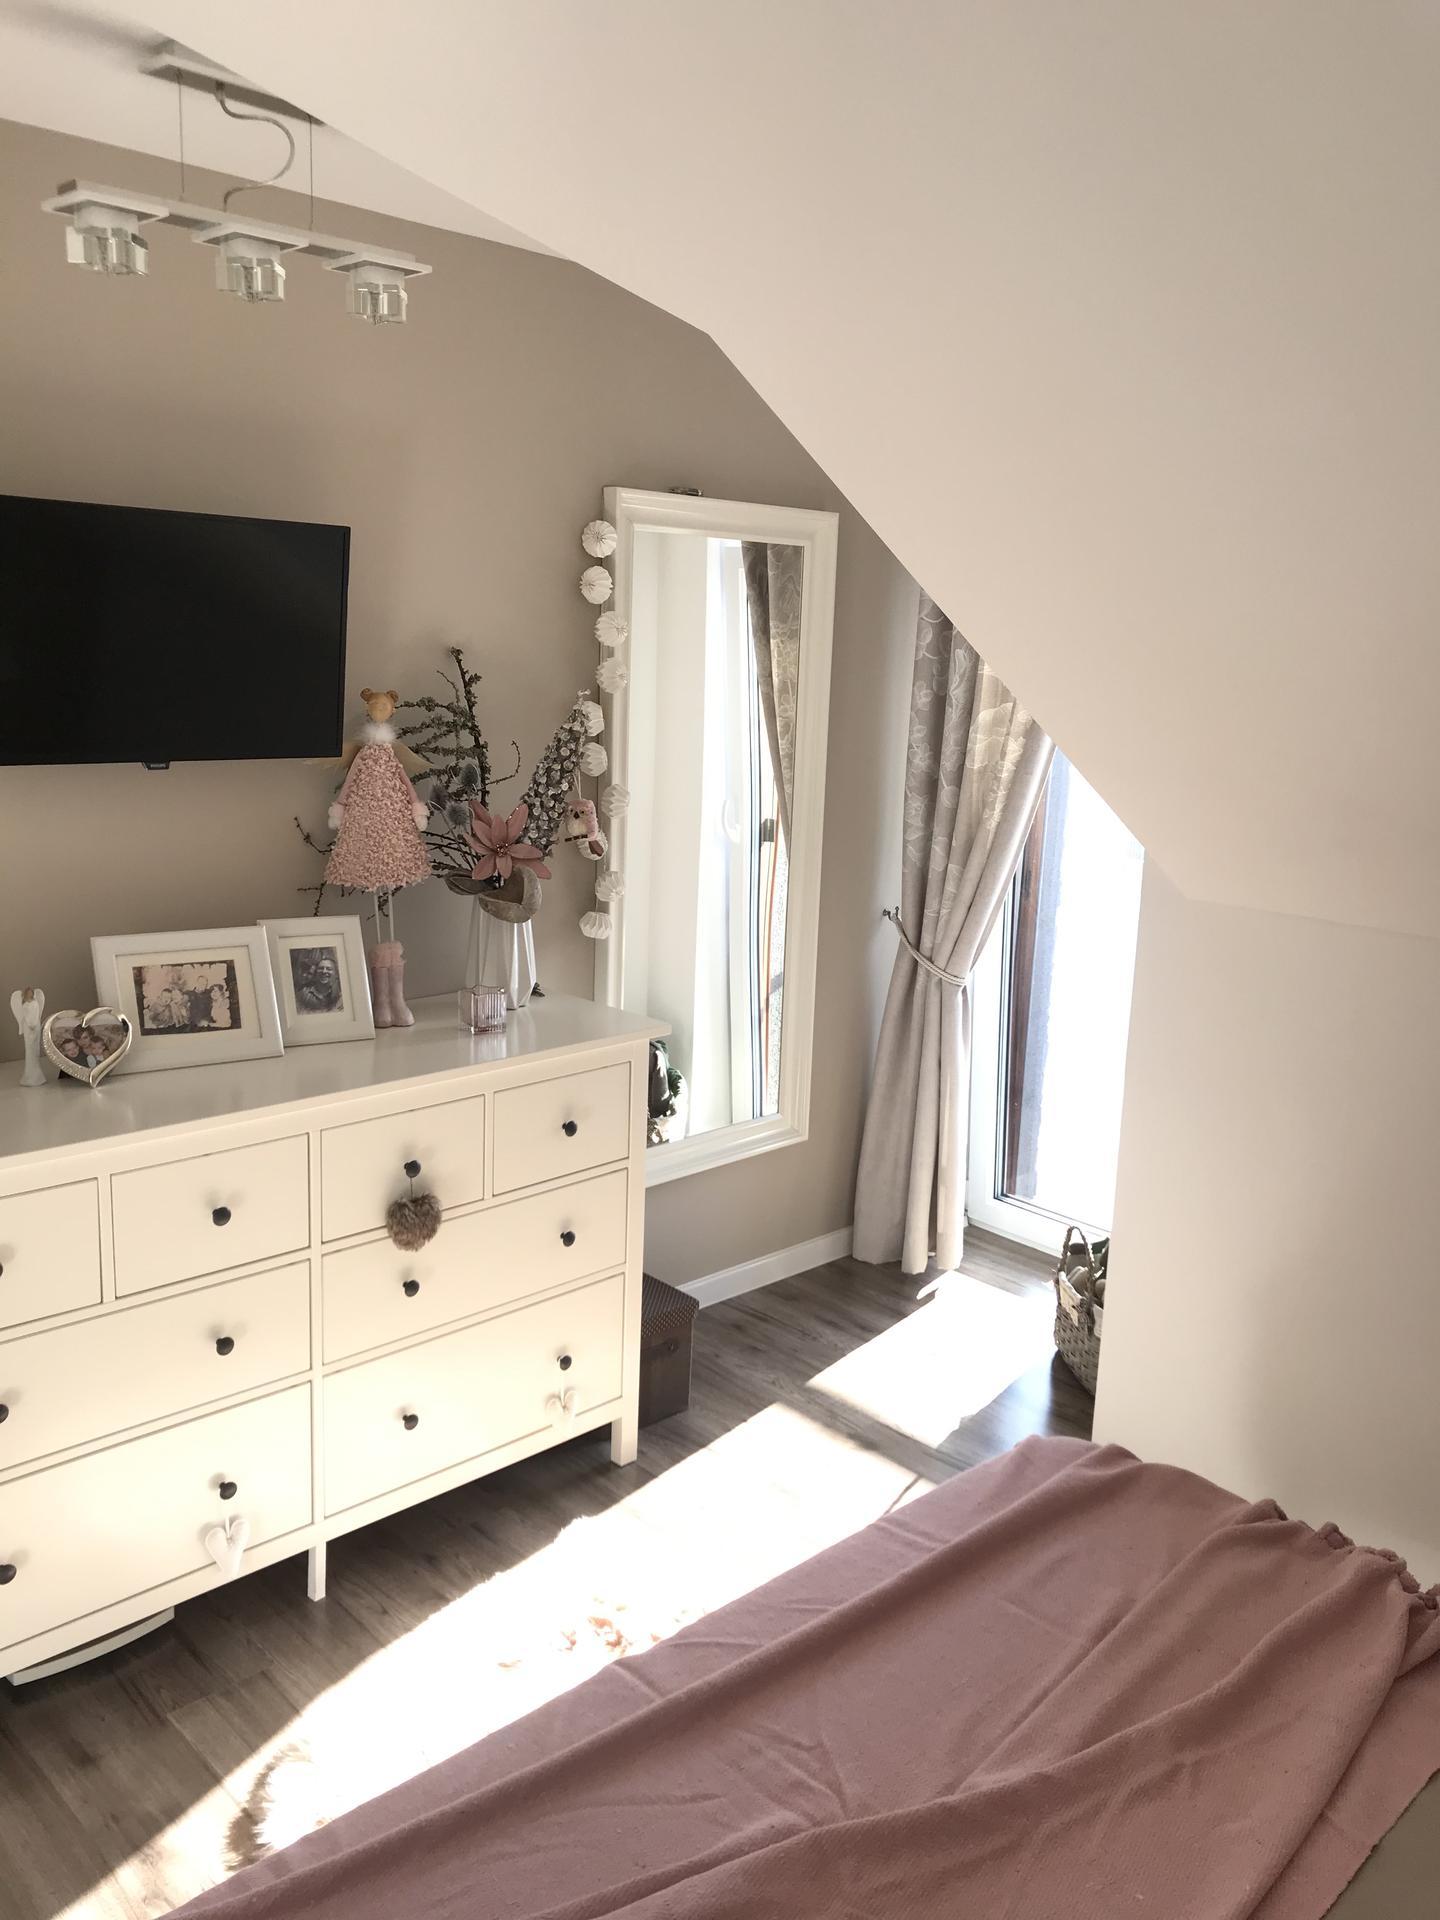 Začiatok 3. roku bývania vo vytúženom domčeku - Keď svieti 🌞hneď je krajší deň😉